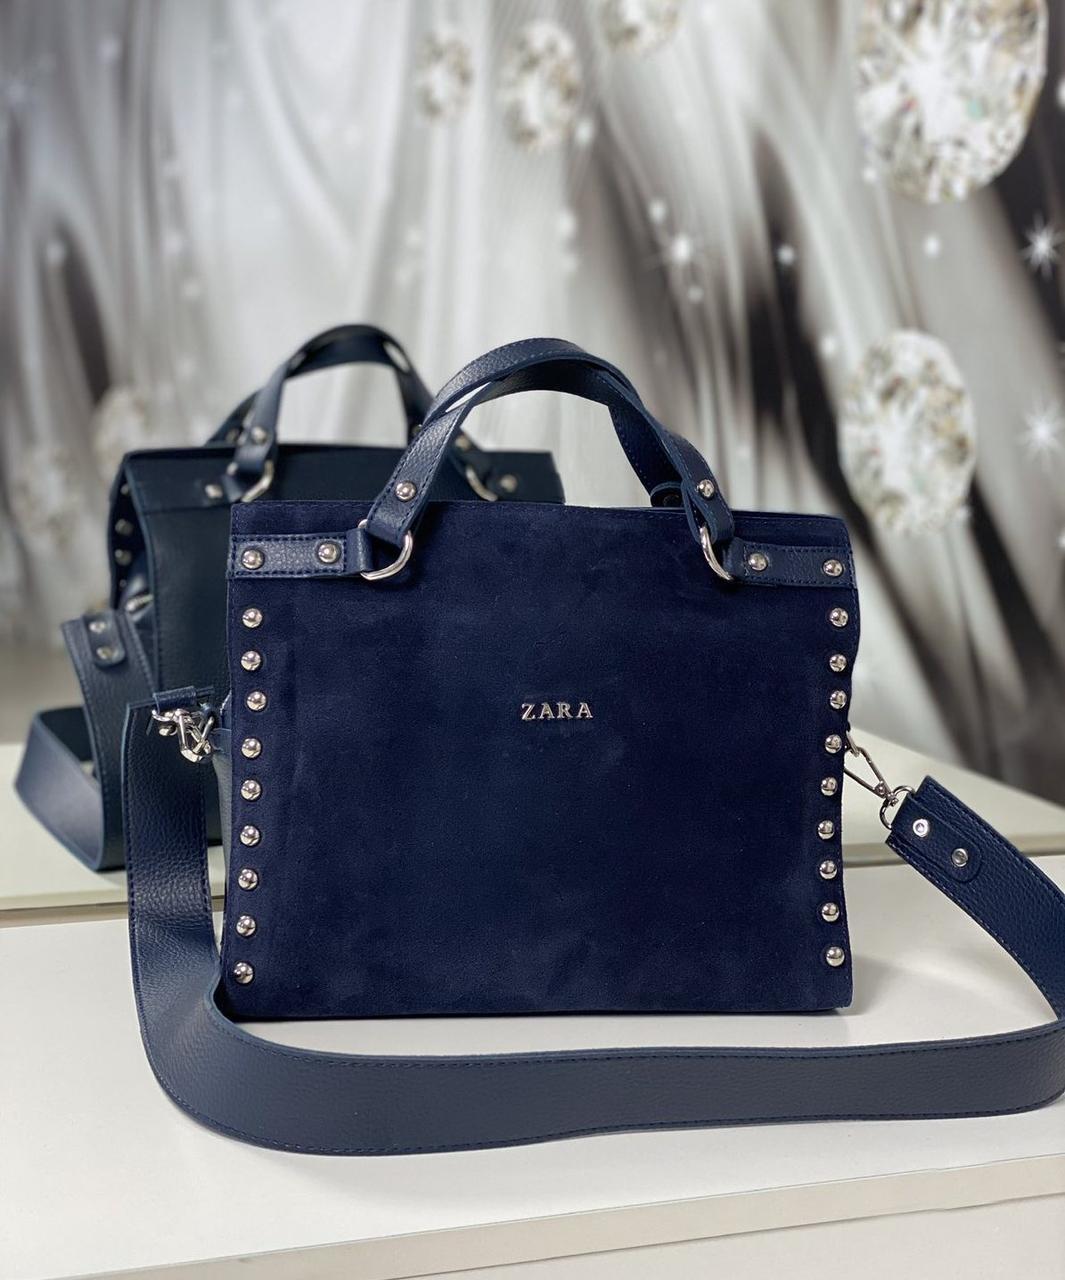 Небольшая синяя замшевая женская сумка кроссбоди модная молодежная сумочка натуральная замша+кожзам